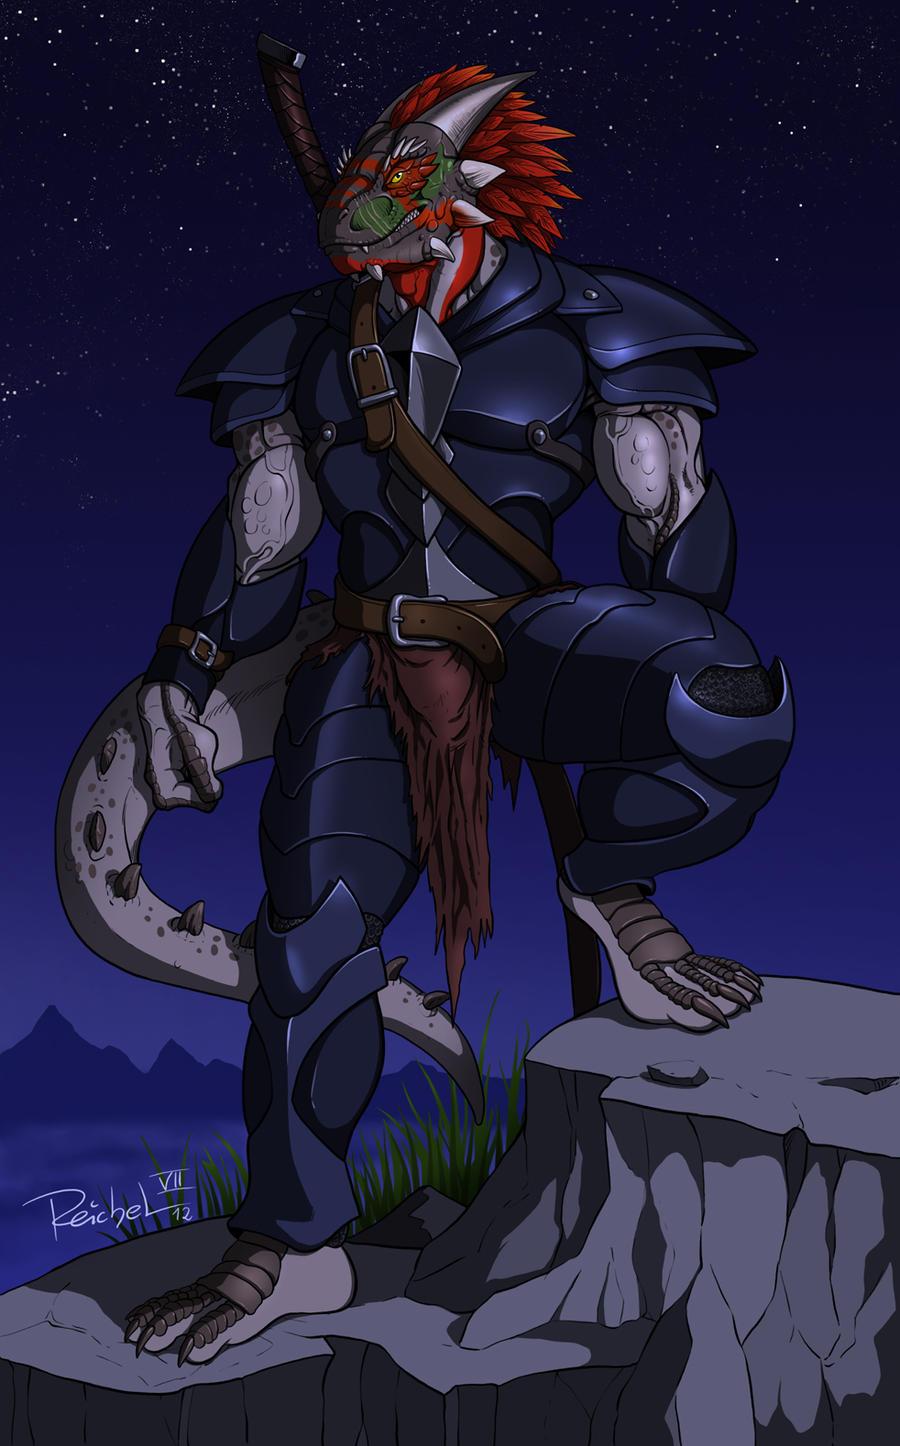 Taggcrossroad: Argonian Warrior by ReptileCynrik